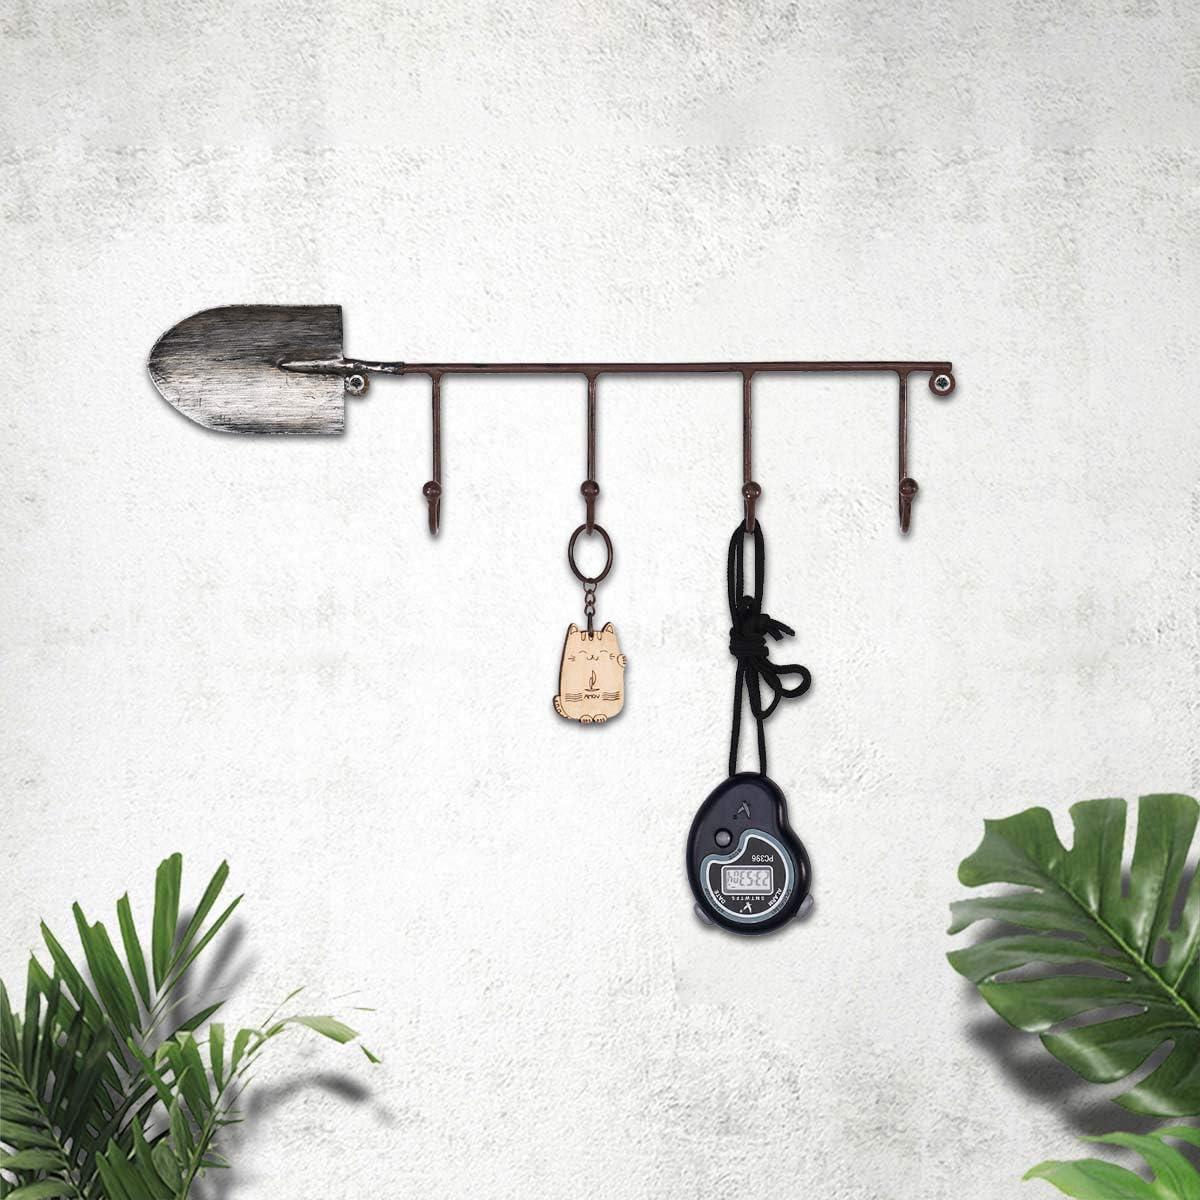 Tooarts - Perchero de pared con 4 ganchos, para sombreros, bolsos y llaves, diseño de pala antigua decorativa para pared o puerta